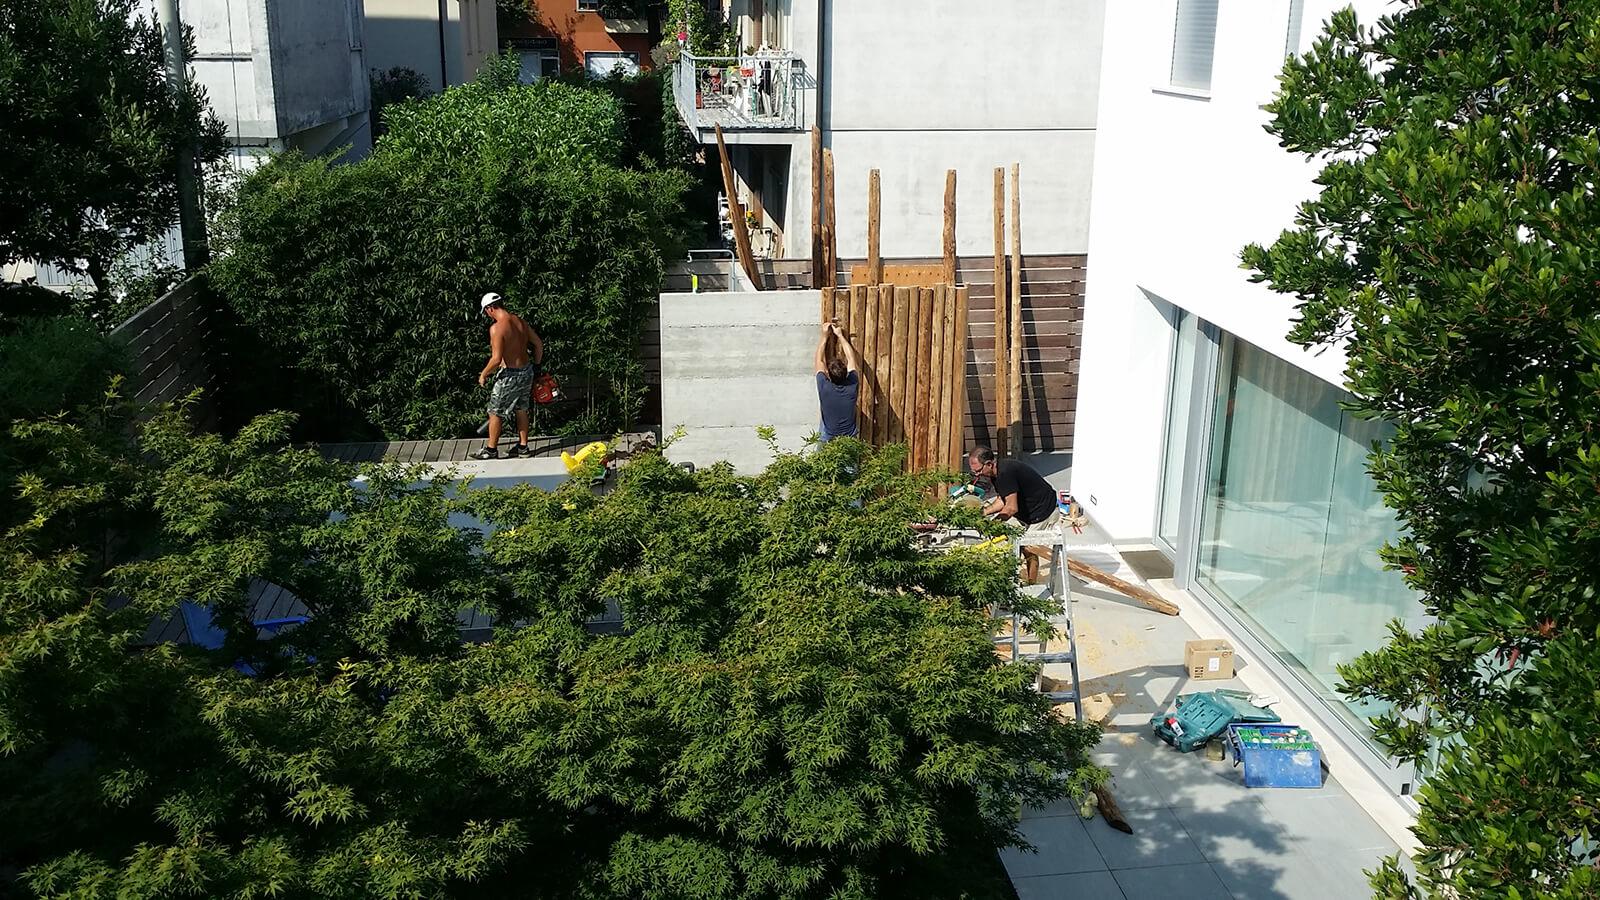 progettazione realizzazione giardini vicenza - verde blu giardini 1